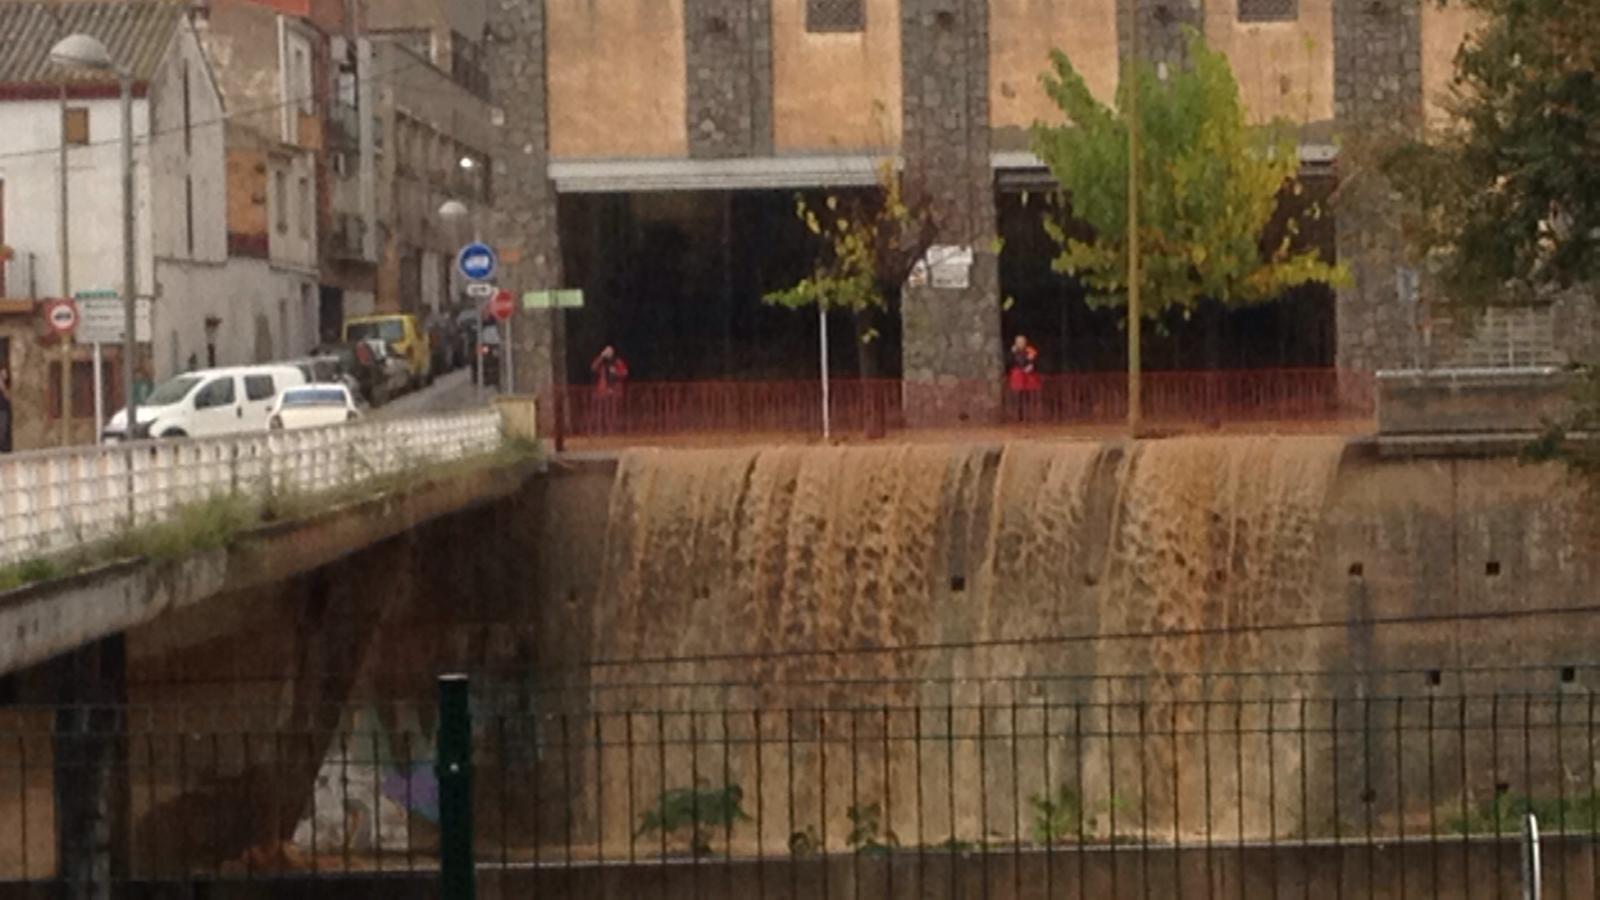 Salt d'aigua espontani a Rubí / SERGI GARCIA